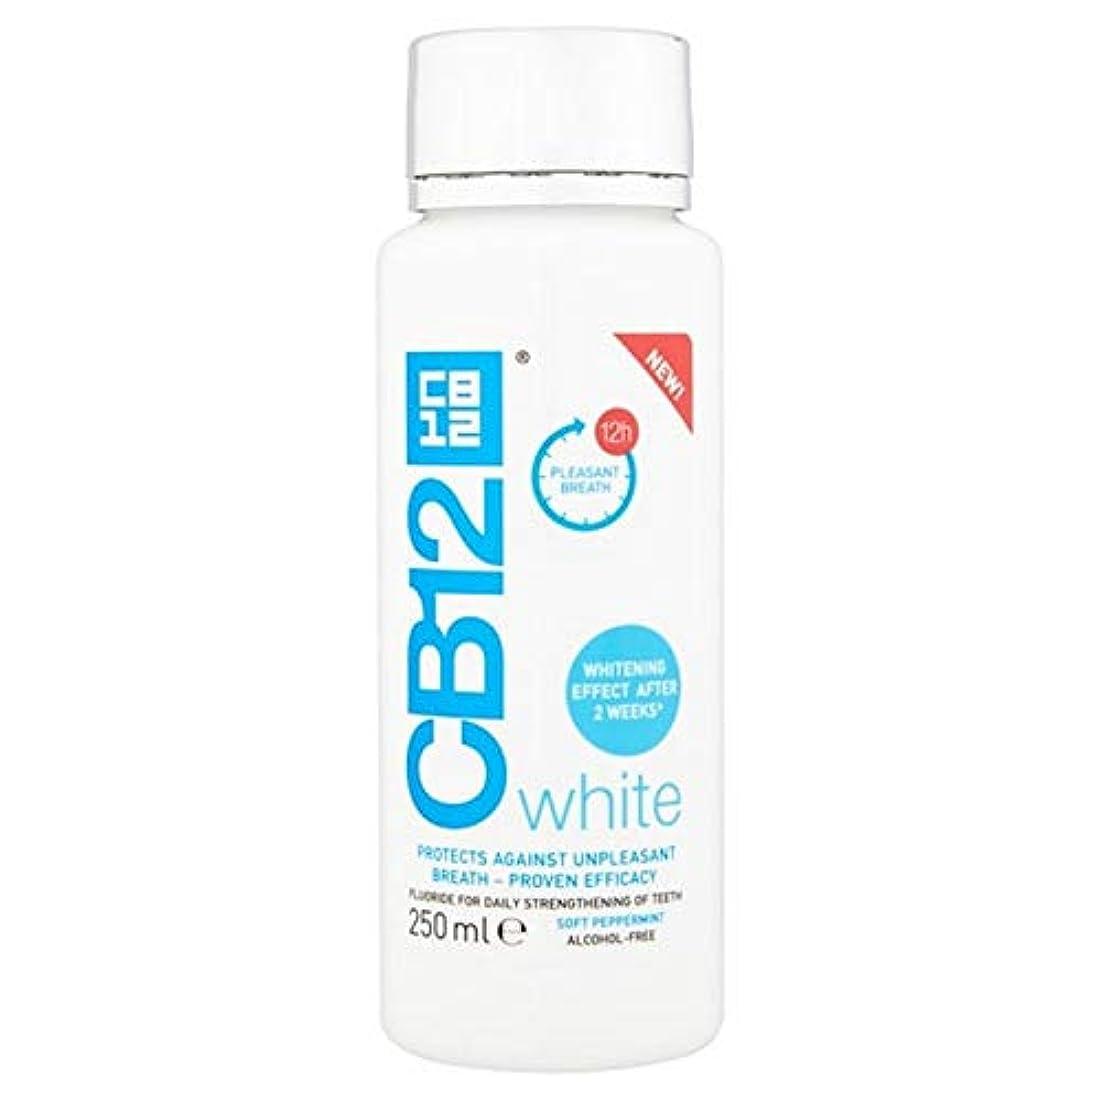 原始的なポインタ圧縮する[CB12] Cb12ホワイトニングマウスウォッシュ250ミリリットル - CB12 Whitening Mouthwash 250ml [並行輸入品]